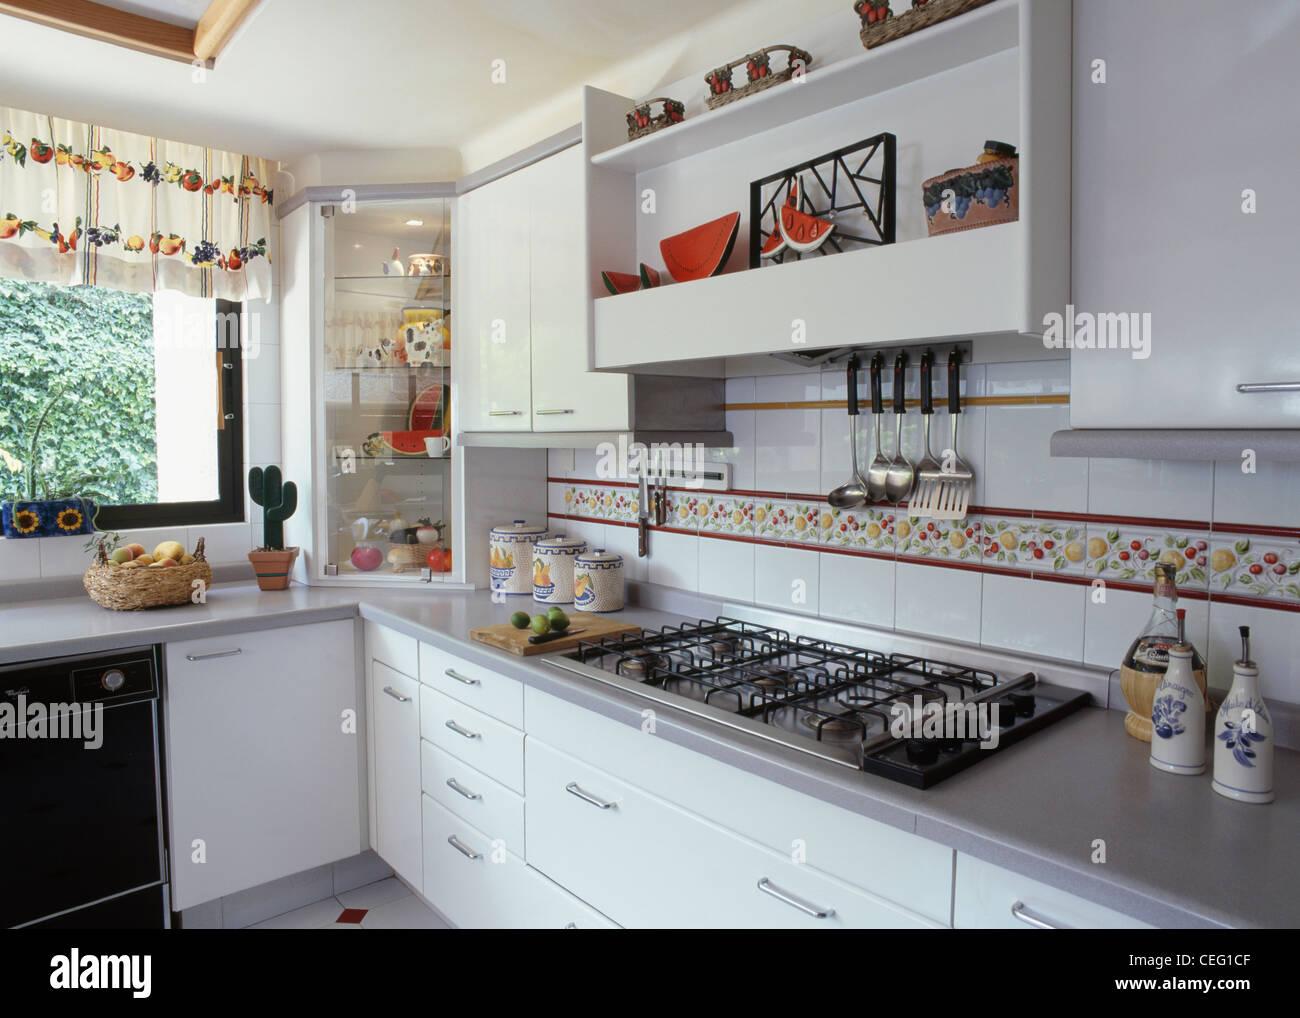 Azulejo Mosaico Para Cozinha Linda Cor Misturada De Vidro Quadrado